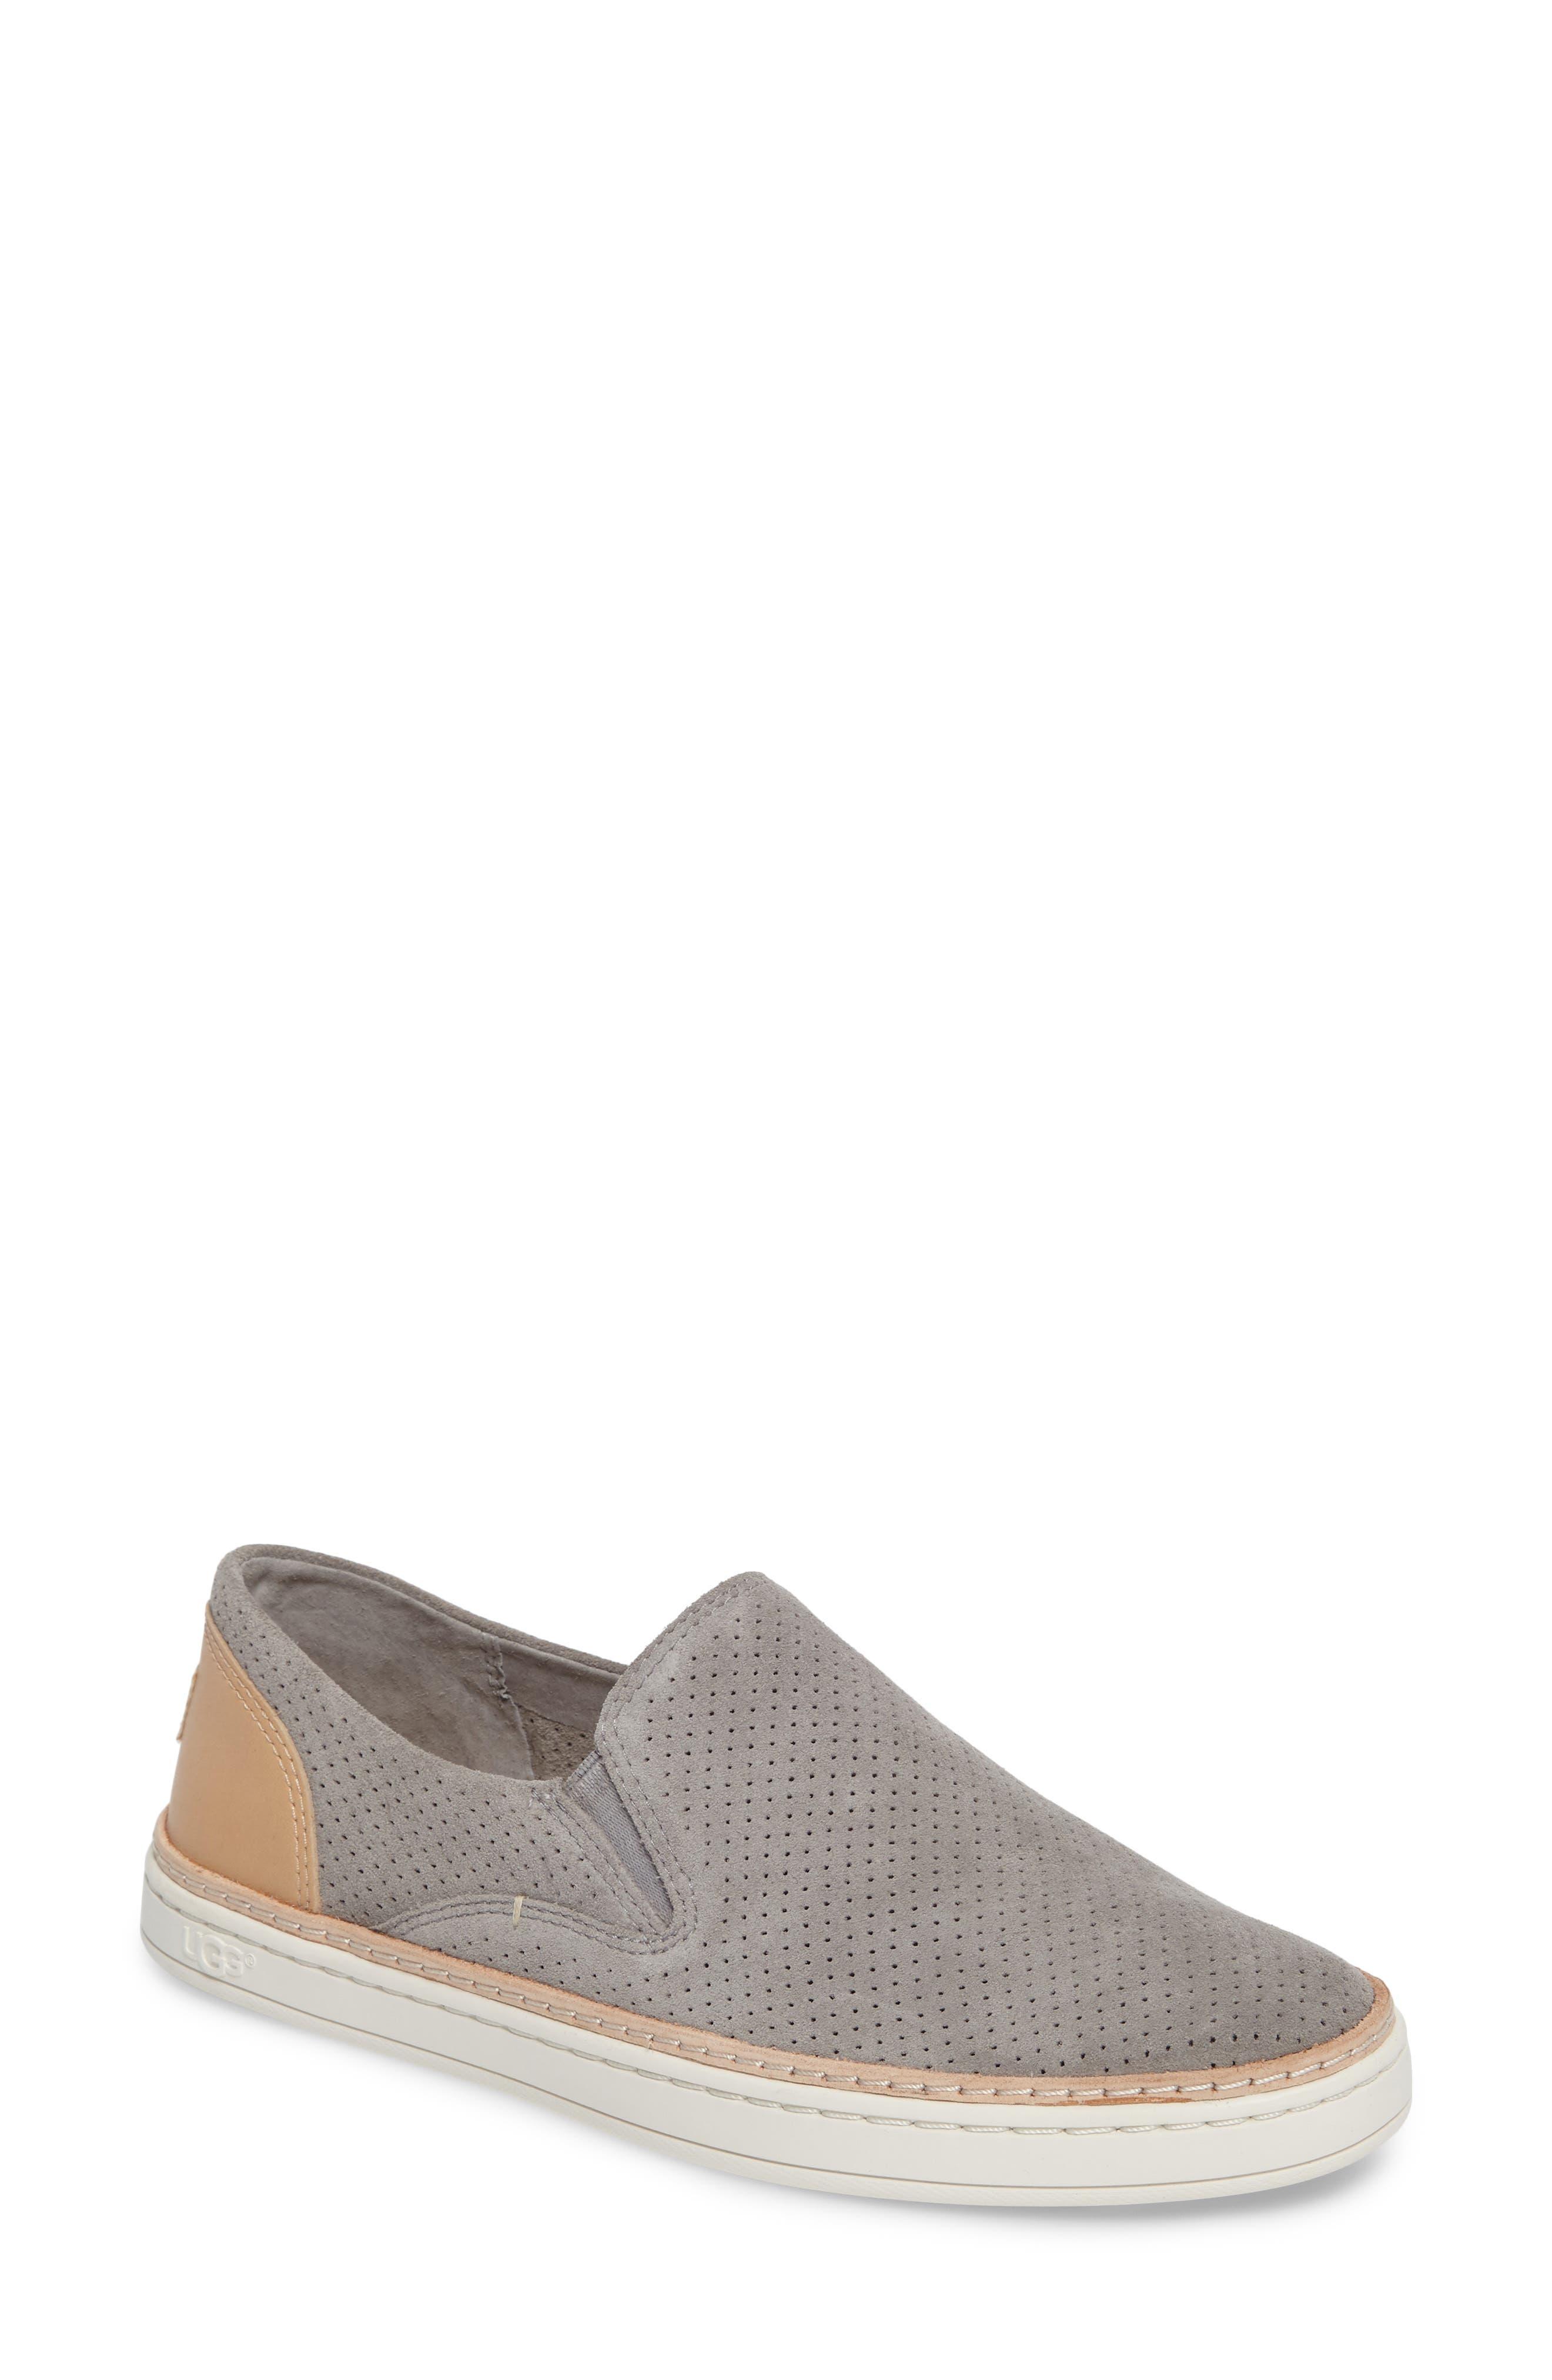 Adley Slip-On Sneaker,                             Main thumbnail 4, color,